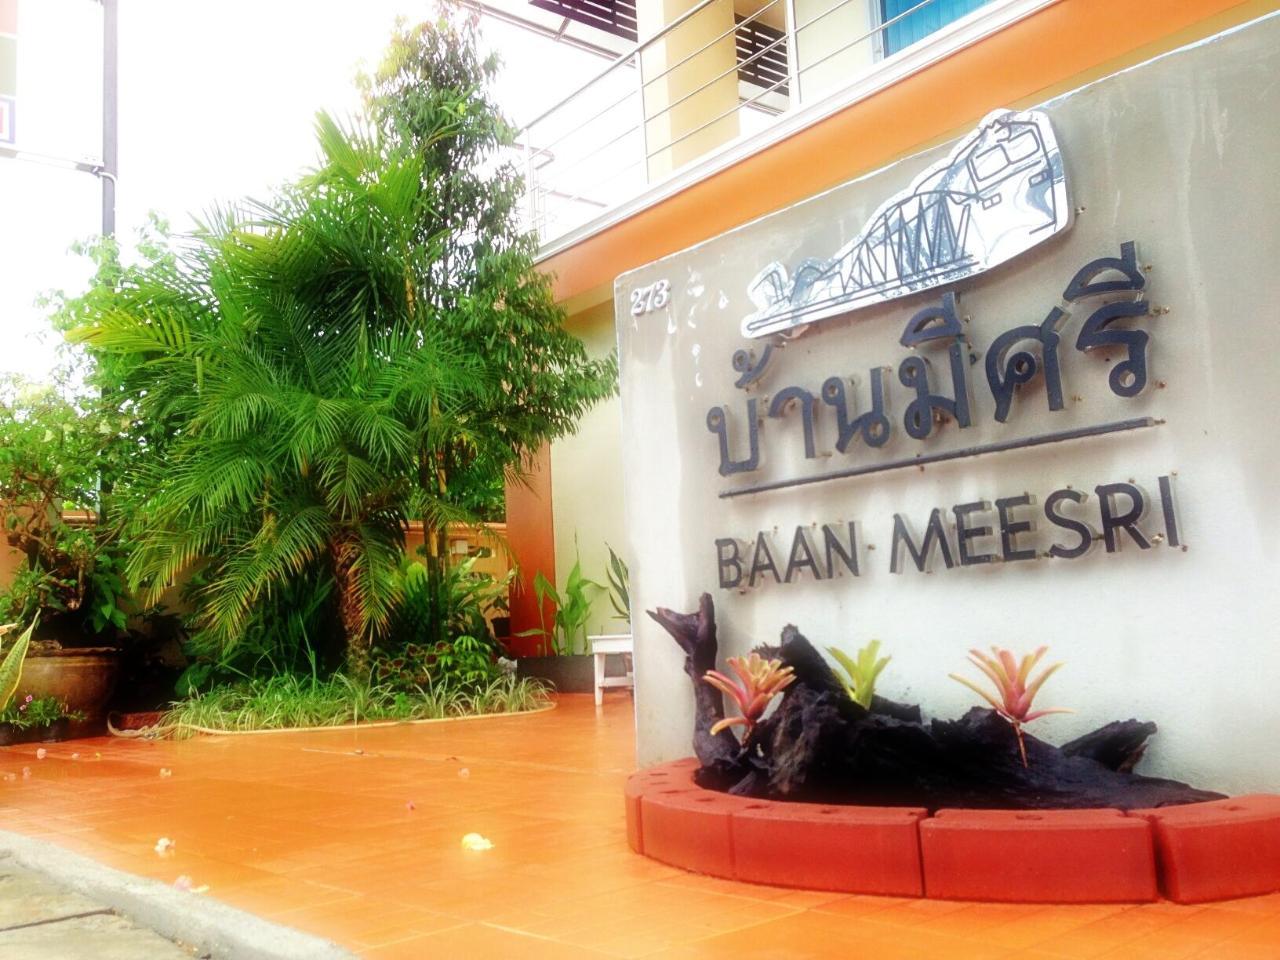 บ้านมีศรี เซอร์วิส เรซิเดนซ์ (Baan Meesri Serviced Residence)